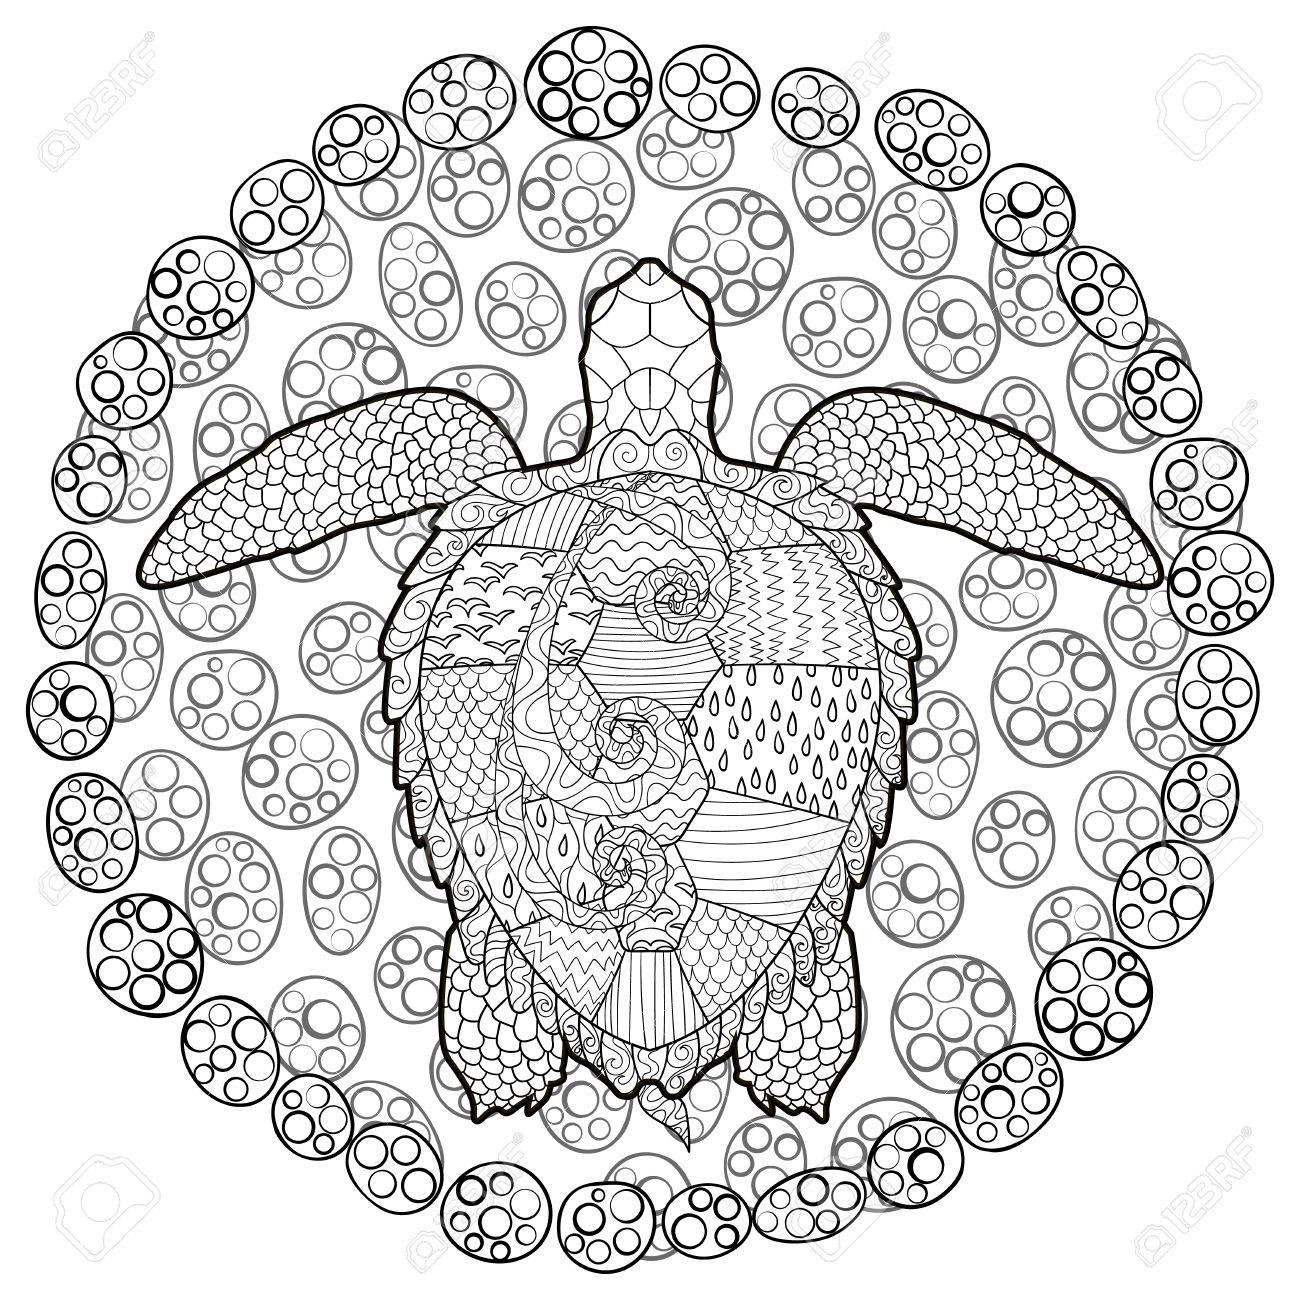 Dibujado A Mano Tortuga De Natación Con Altos Detalles Para Colorear ...